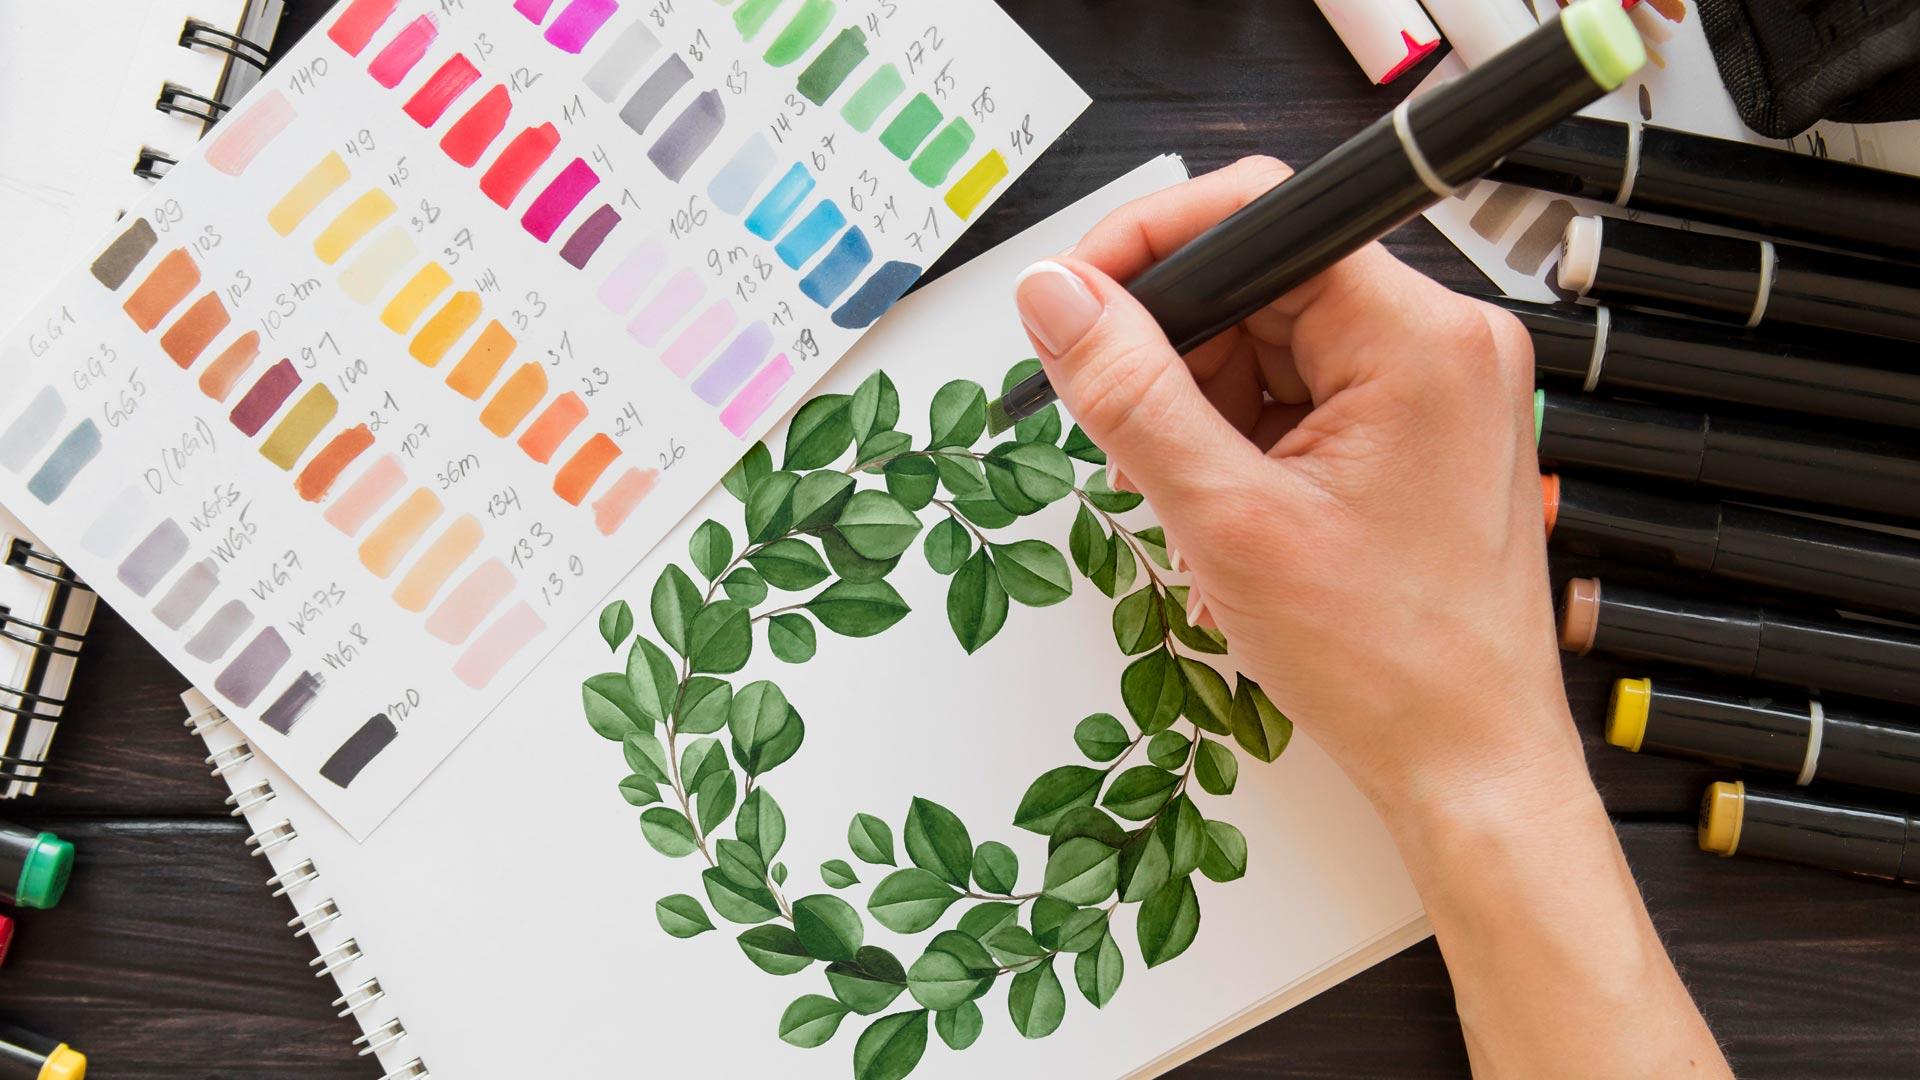 Видео мастер-класс «Как нарисовать зеленый венок маркером»